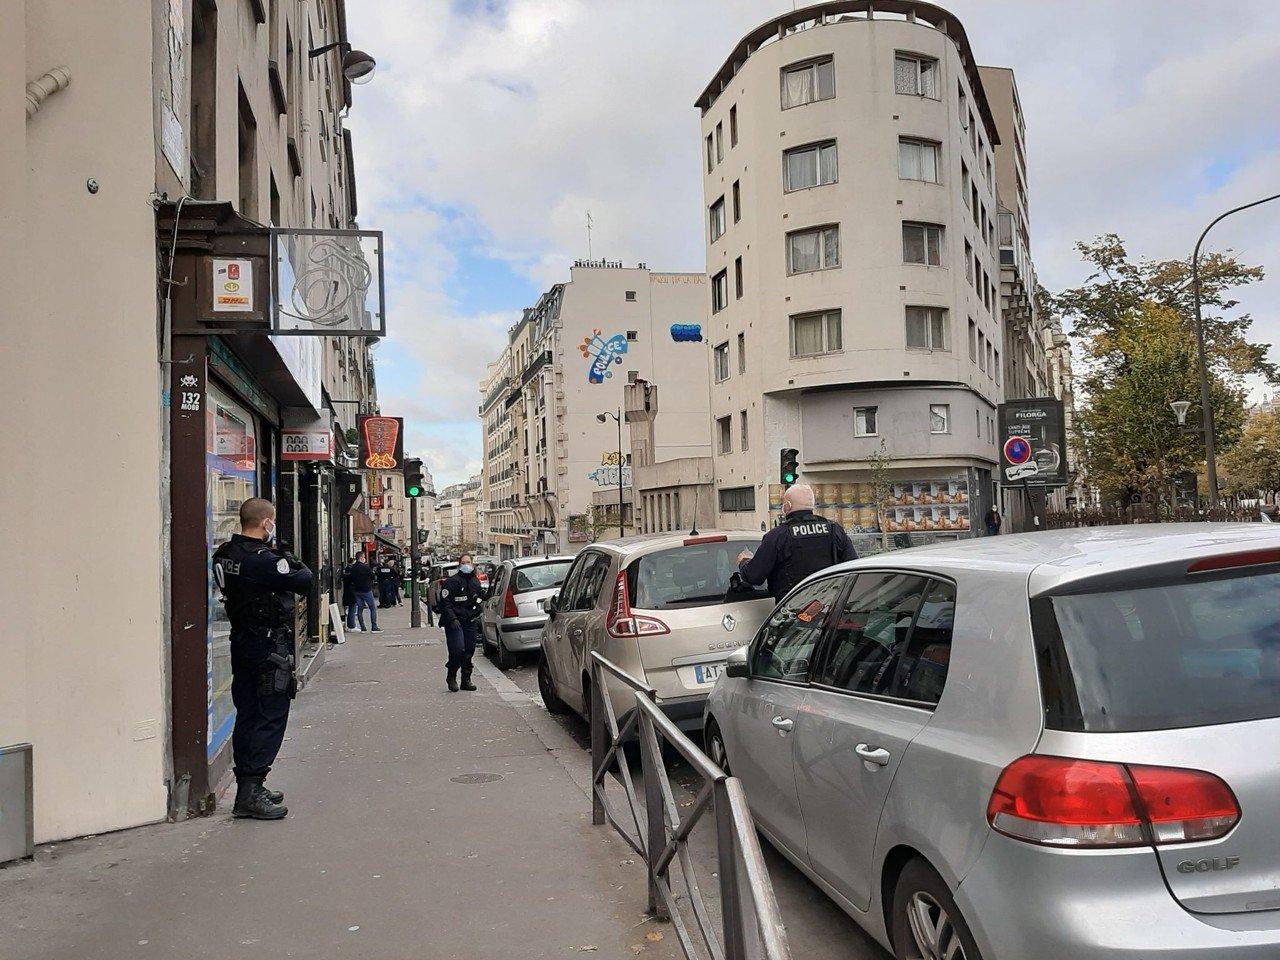 Несколько человек видели мужчину утром недалеко от метро / фото actu.fr